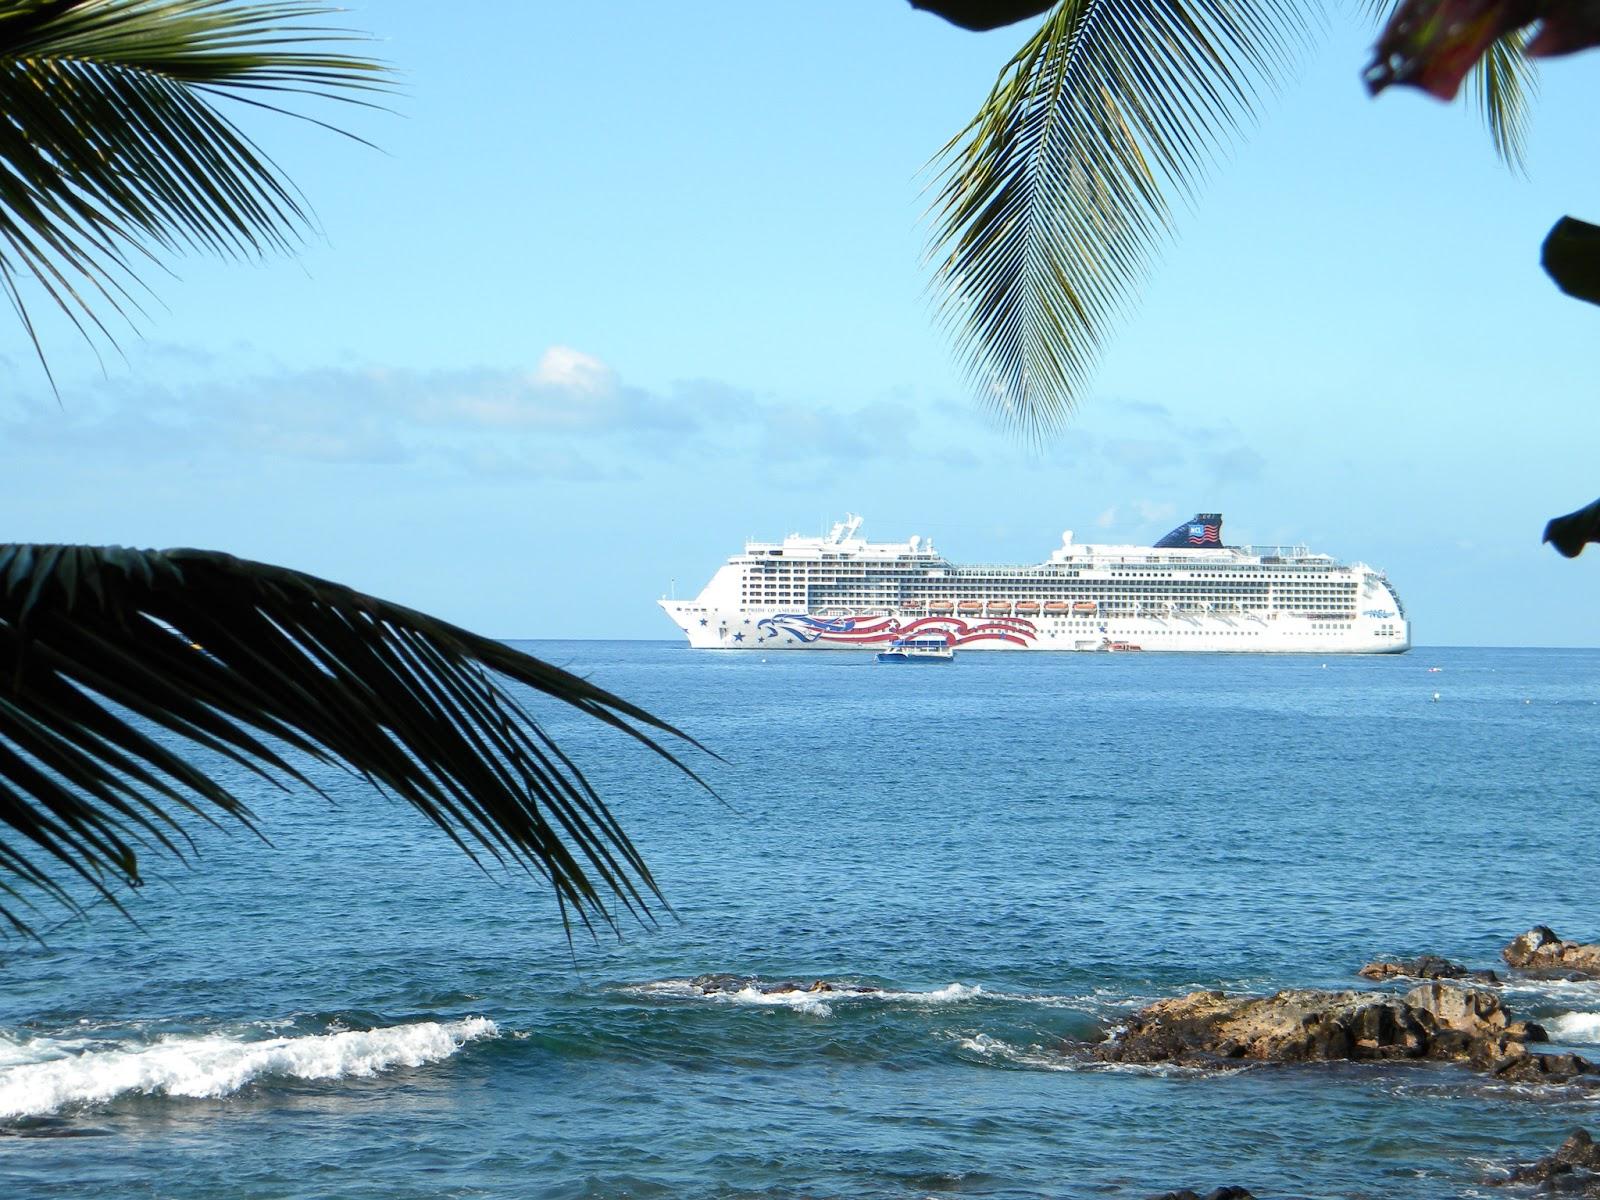 All Hawaii News Cruise Ships Help Float Hawaii Economy